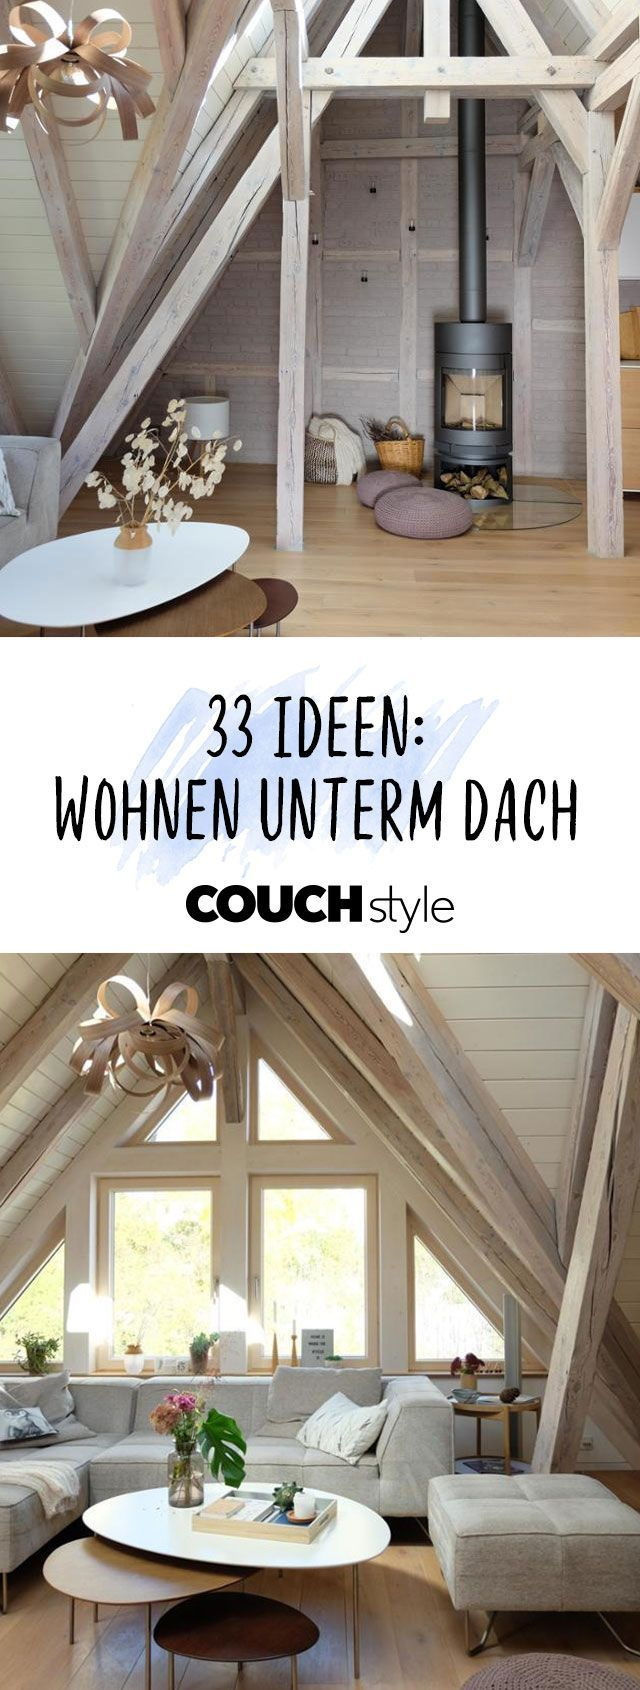 79 best Dachgeschoss images on Pinterest